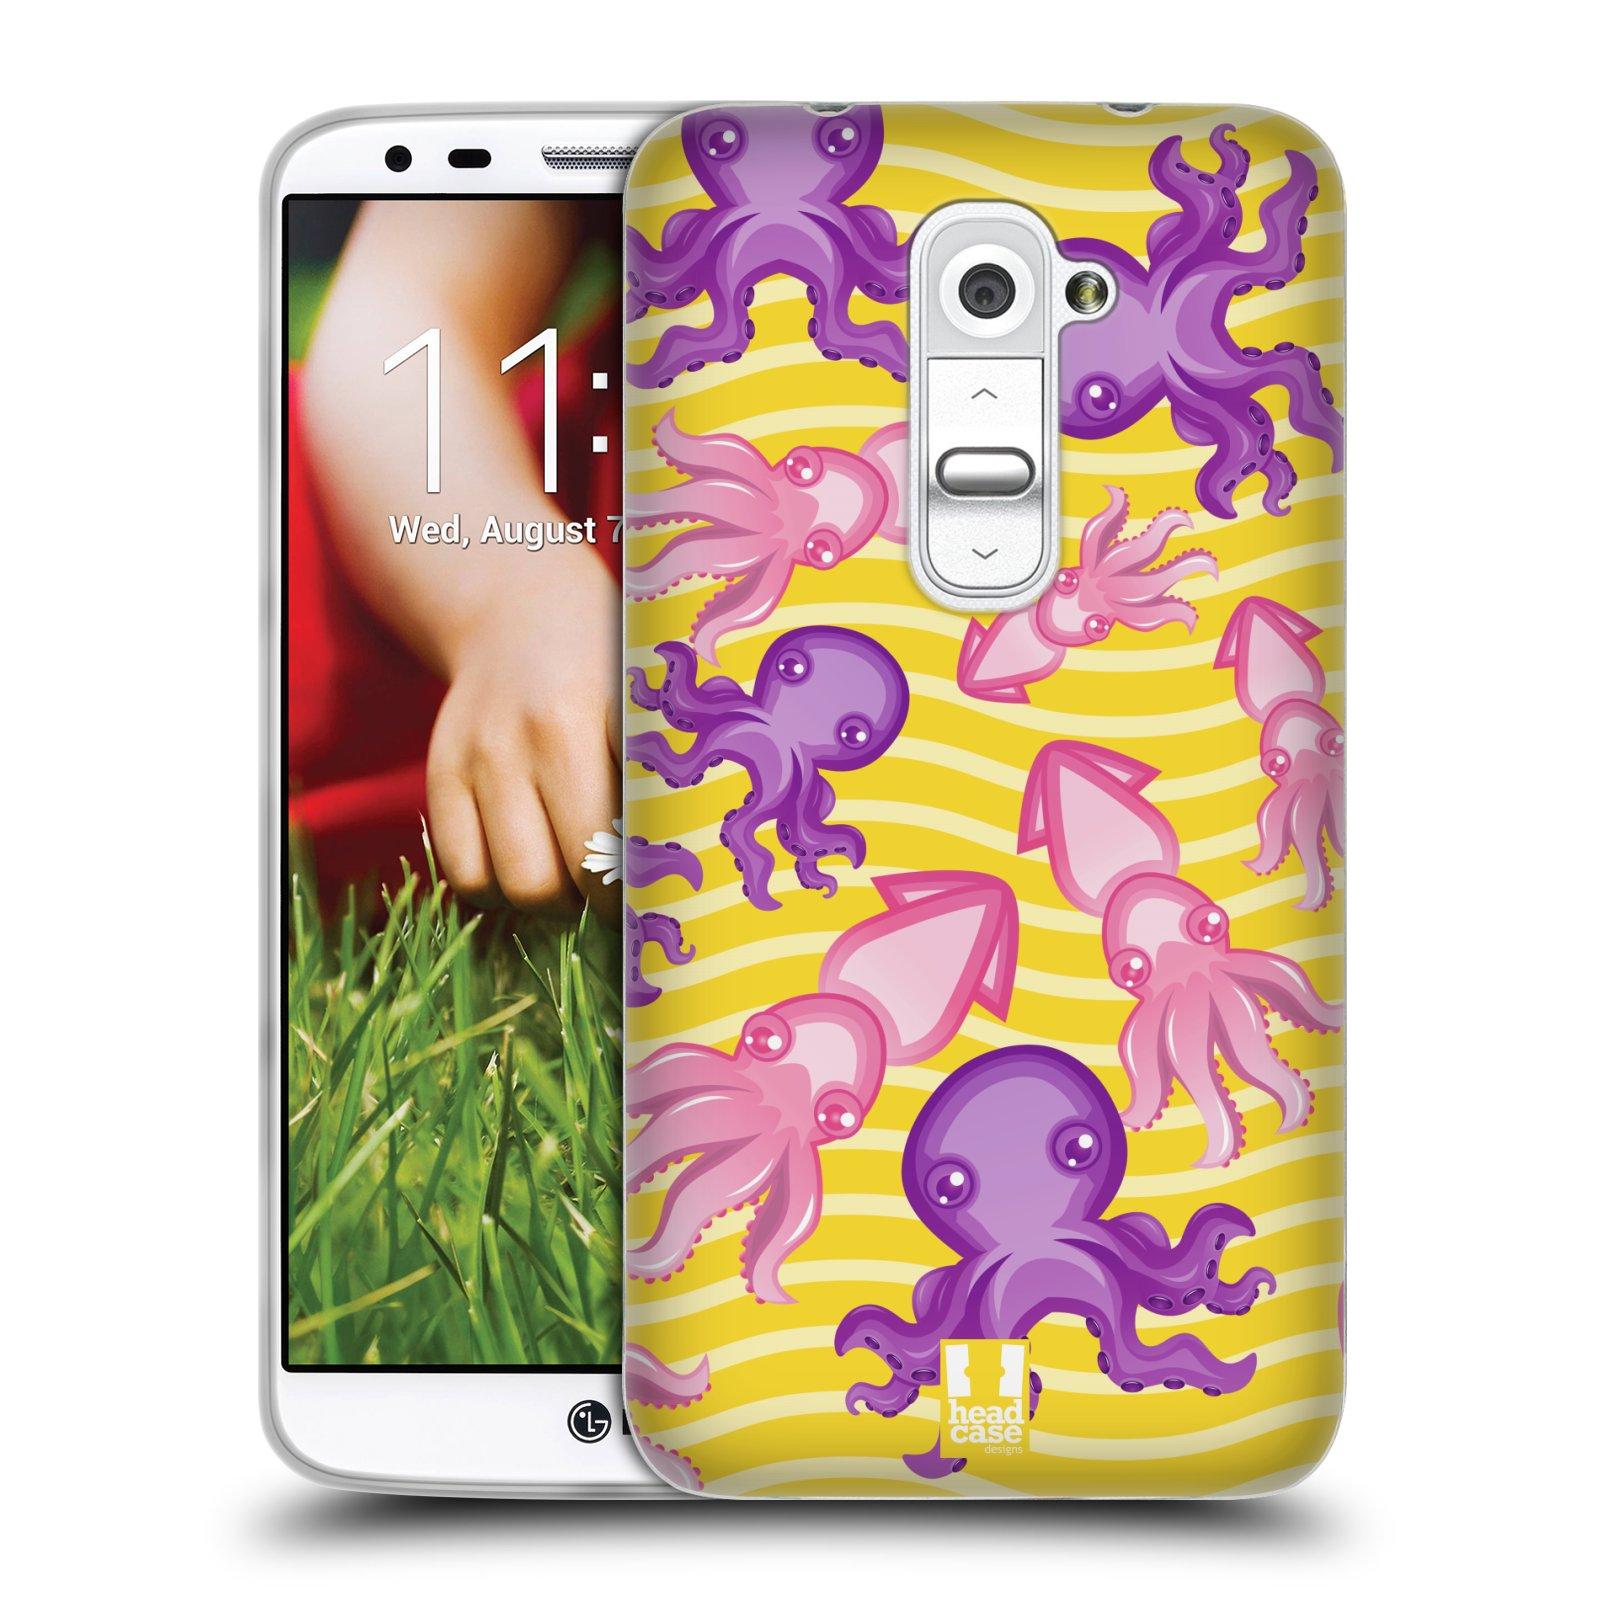 HEAD CASE silikonový obal na mobil LG G2 vzor mořský živočich chobotnice